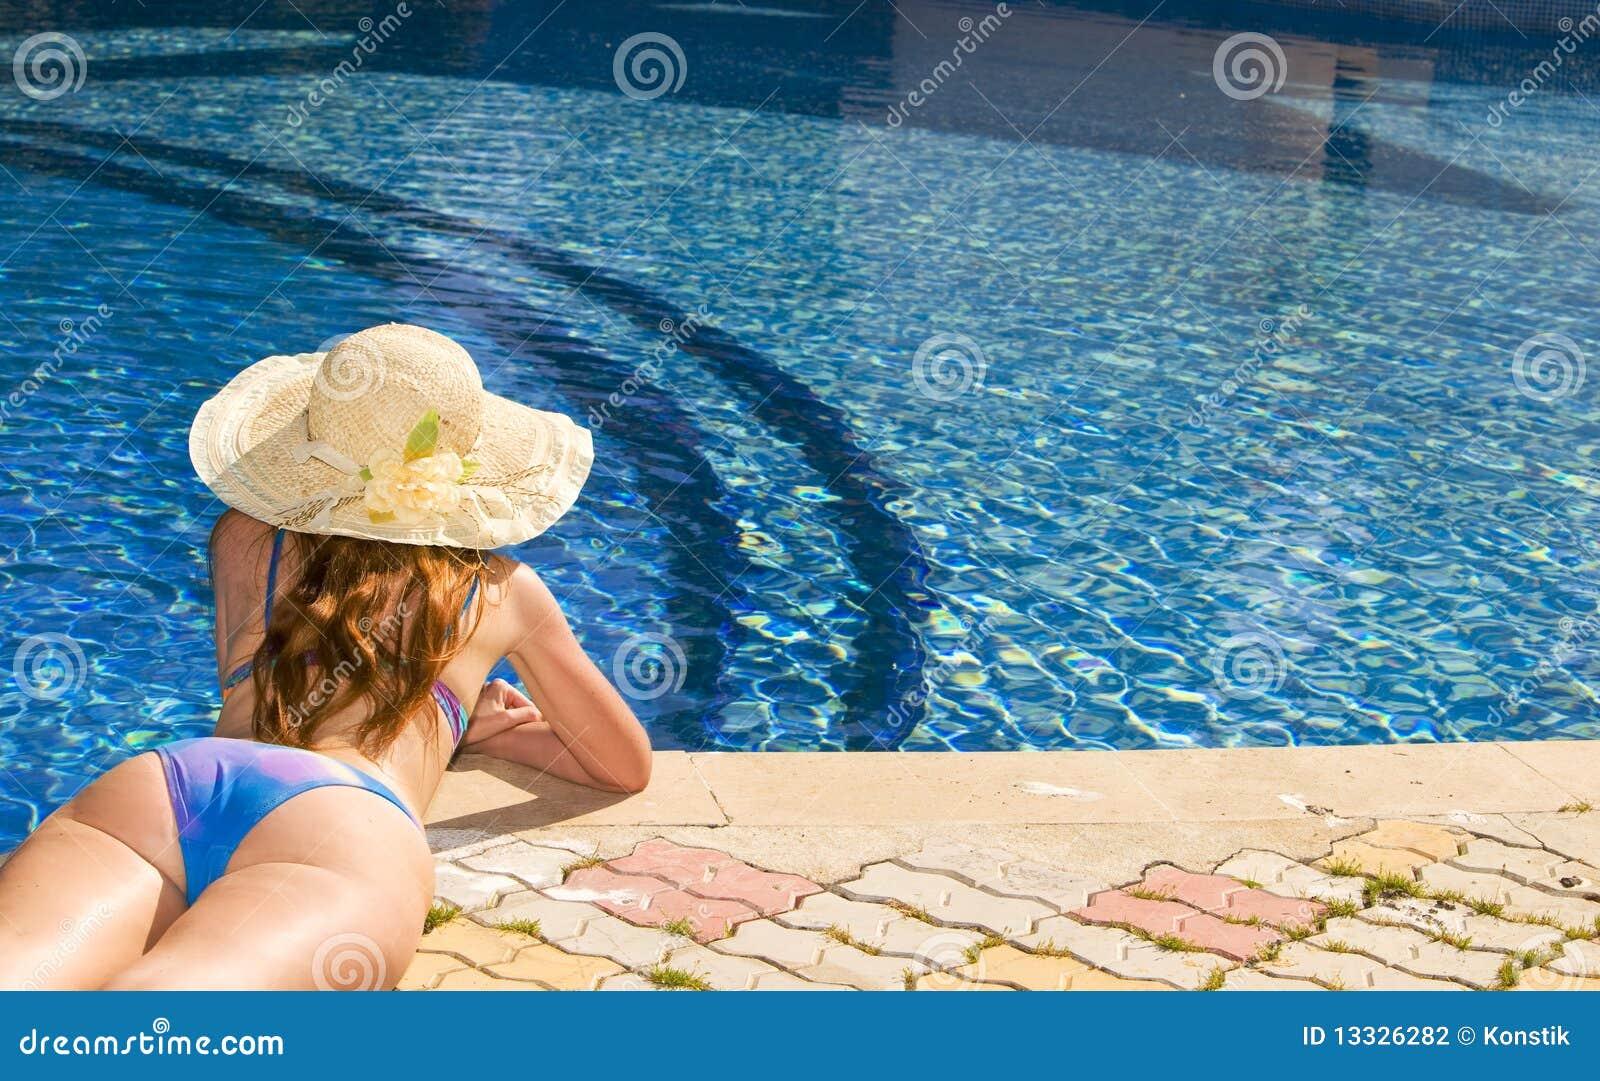 Kapeluszowa pobliski basenu słomy kobieta